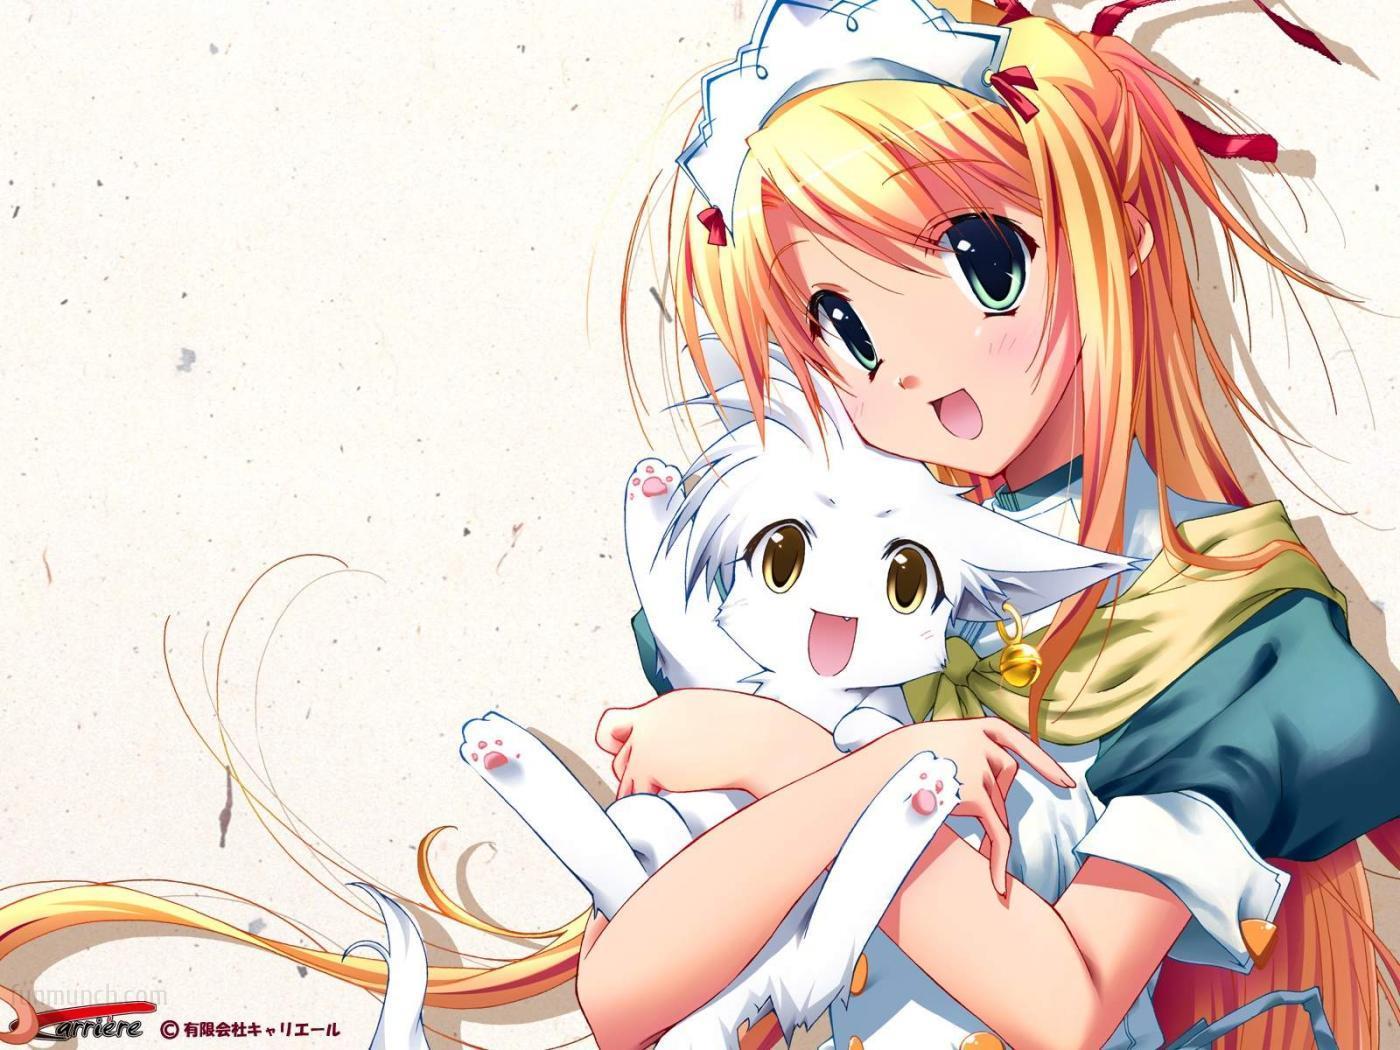 cute anime hd desktop wallpaper download cute anime hd wallpaper in hd 1400x1050